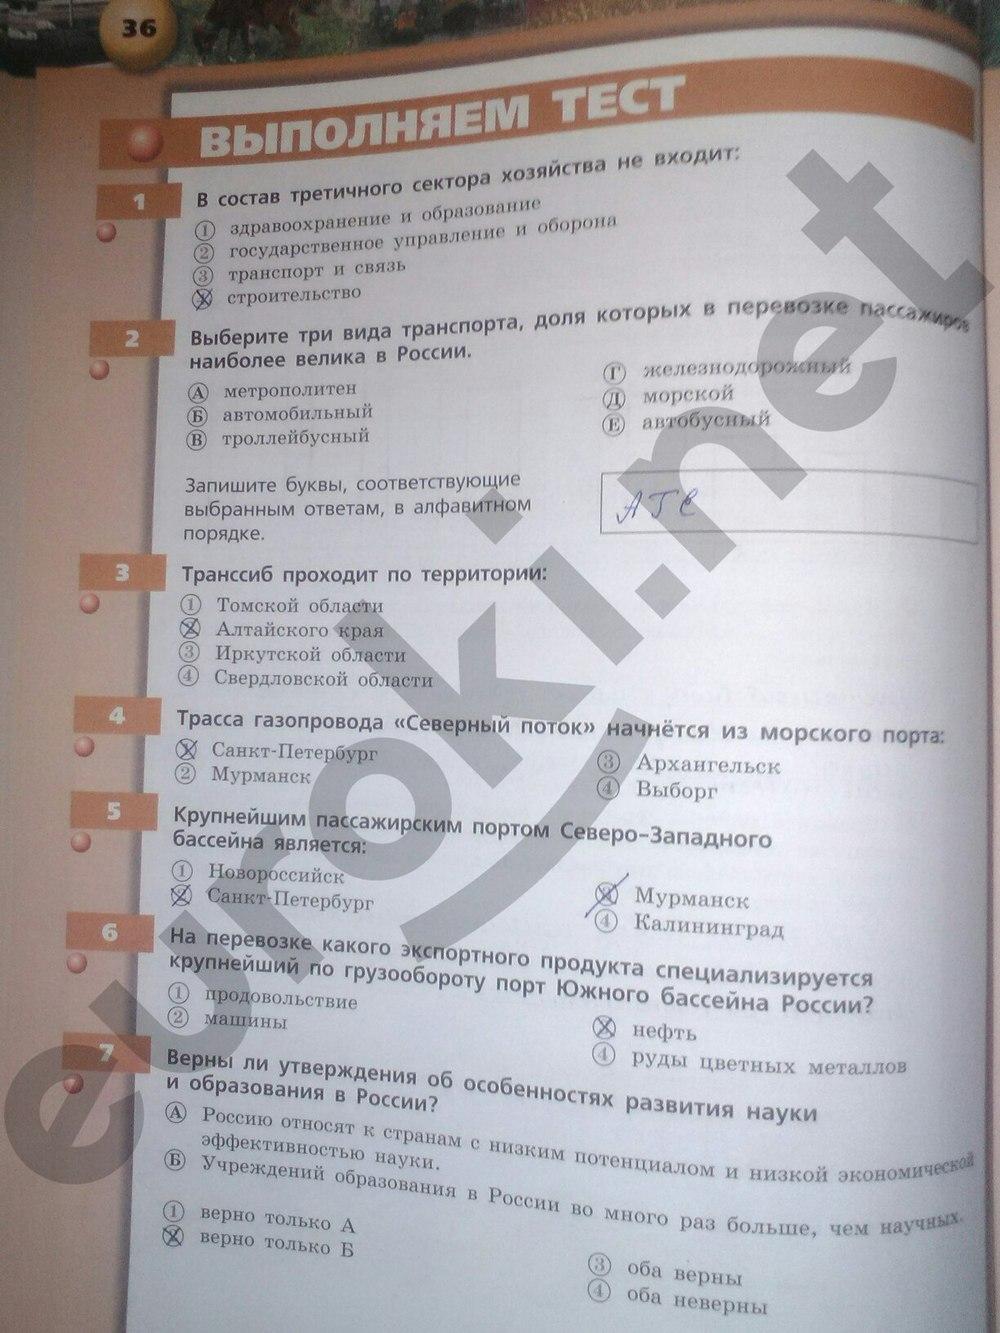 ГДЗ по географии 9 класс тетрадь тренажёр Ходова, Ольховая. Задание: стр. 36